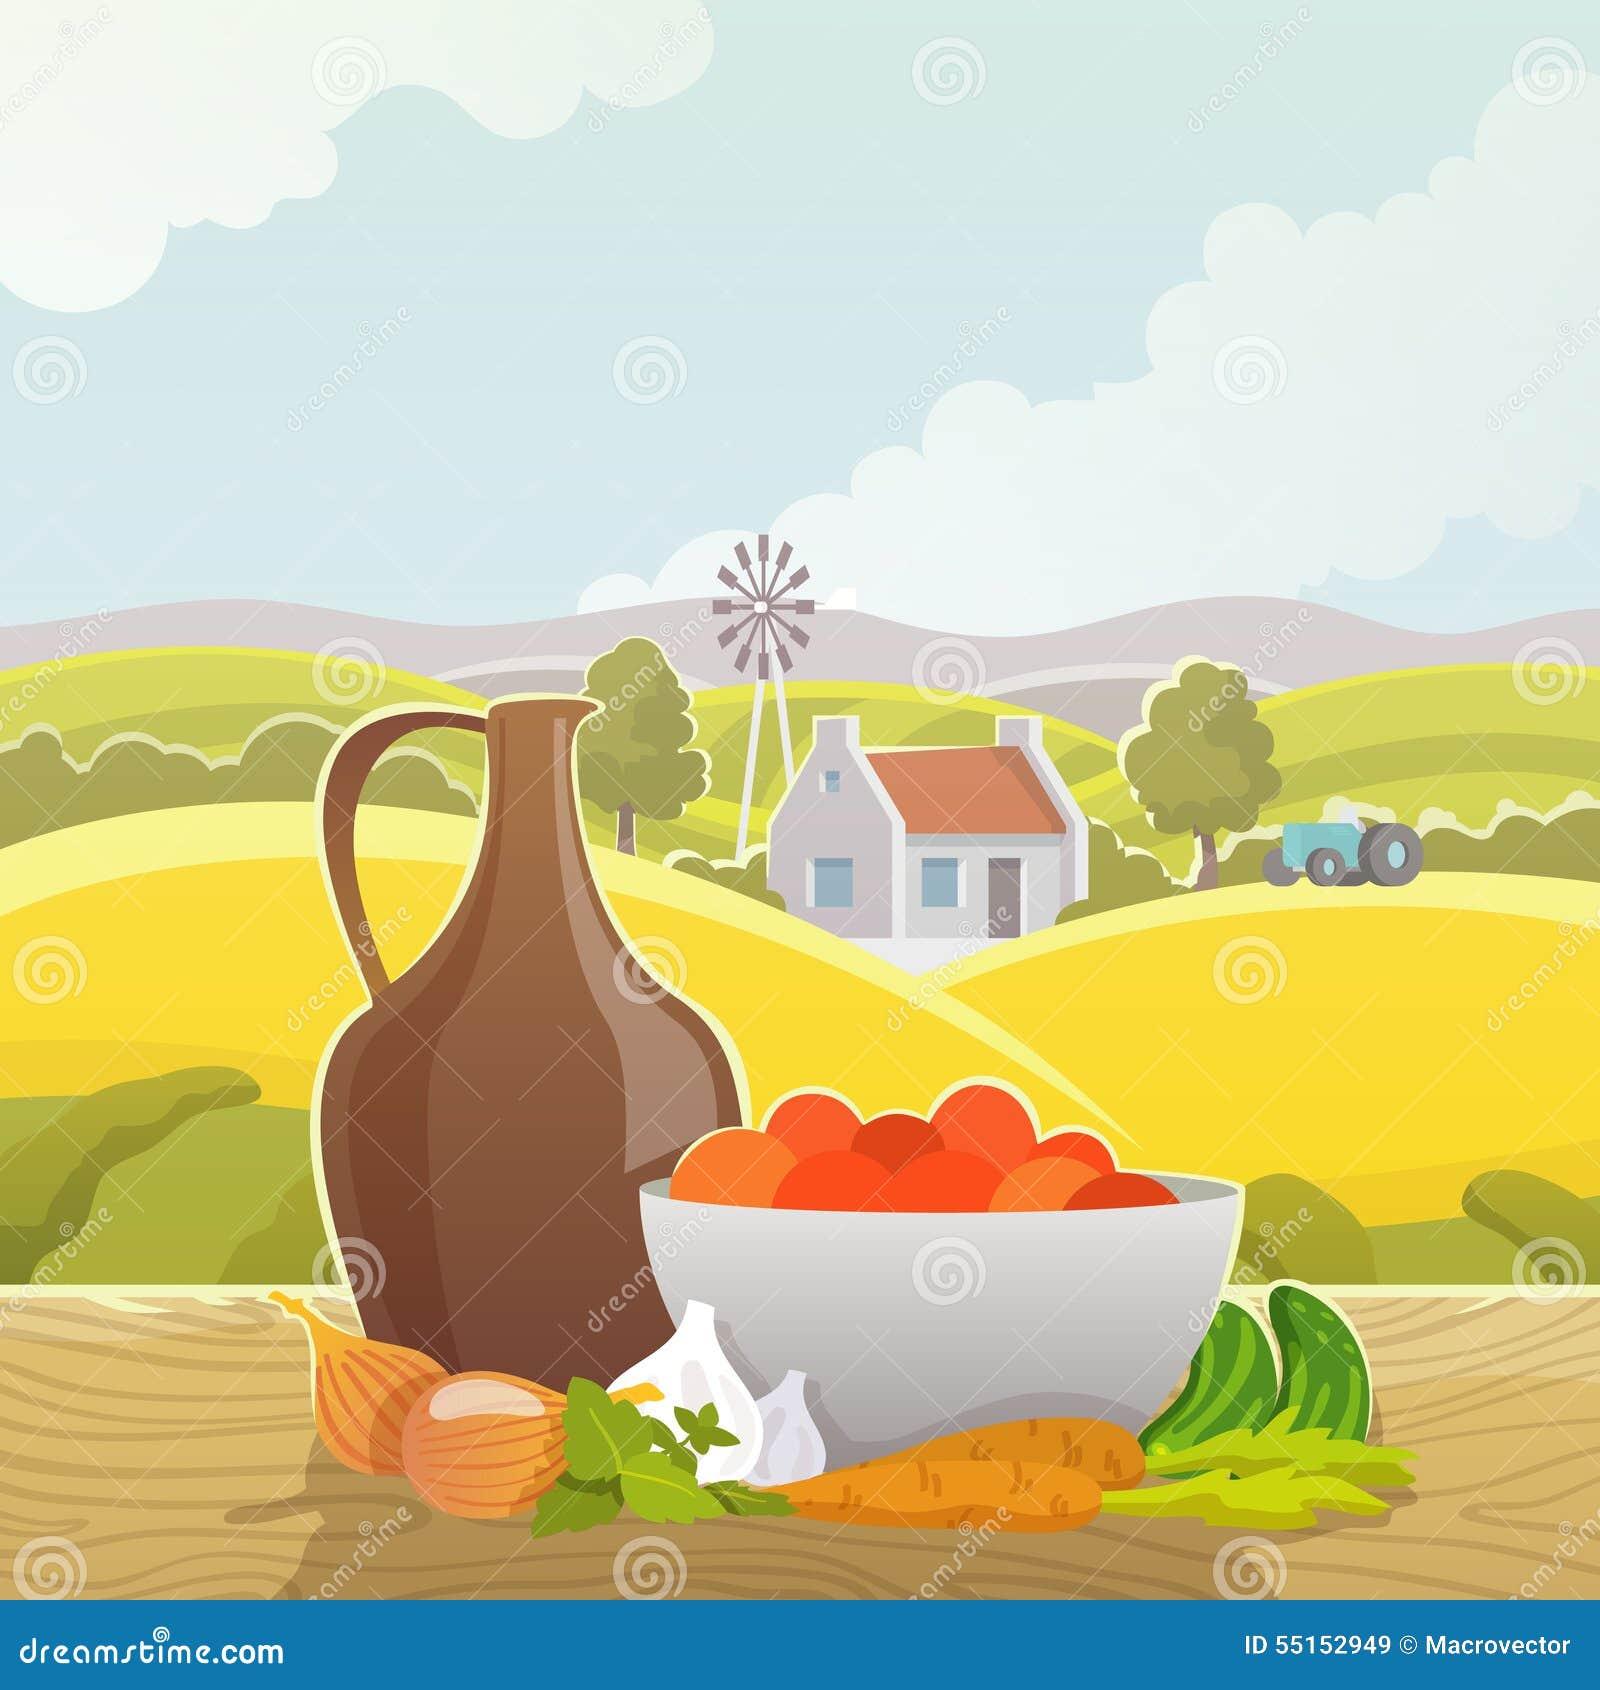 Cartel Rural Del Ejemplo Del Extracto Del Paisaje Ilustración del ...